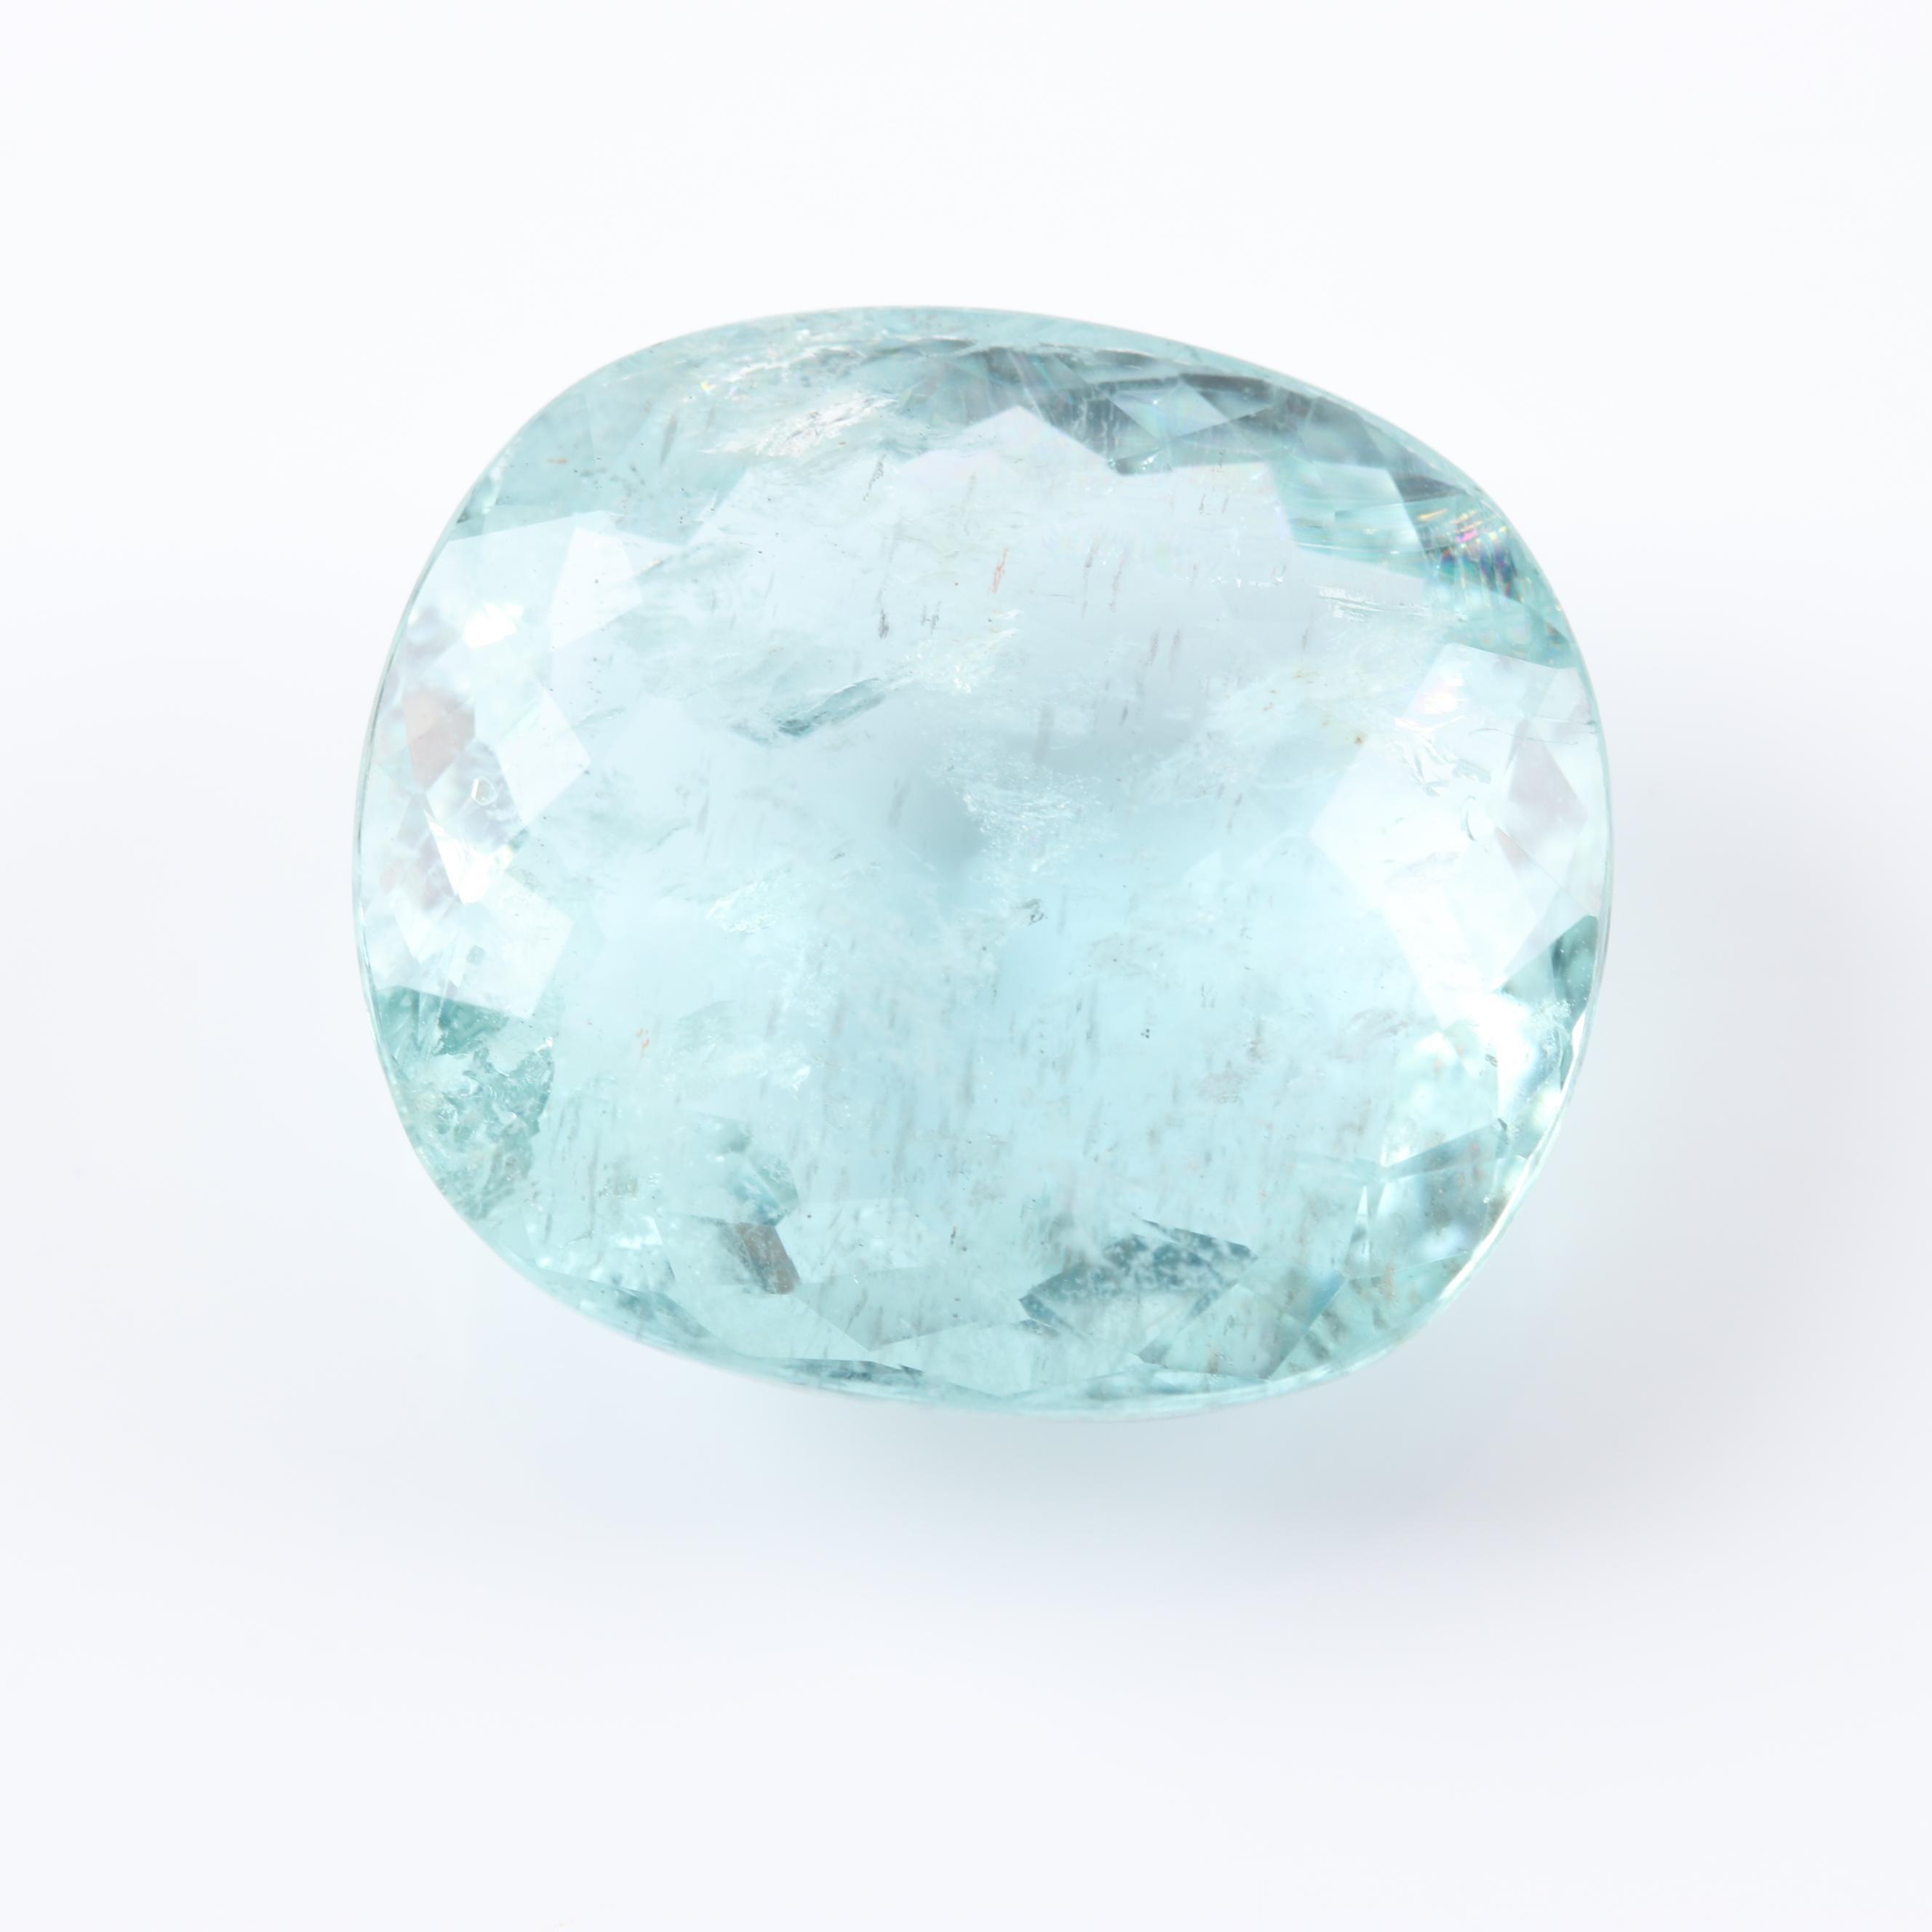 Loose 15.66 CT Aquamarine Gemstone